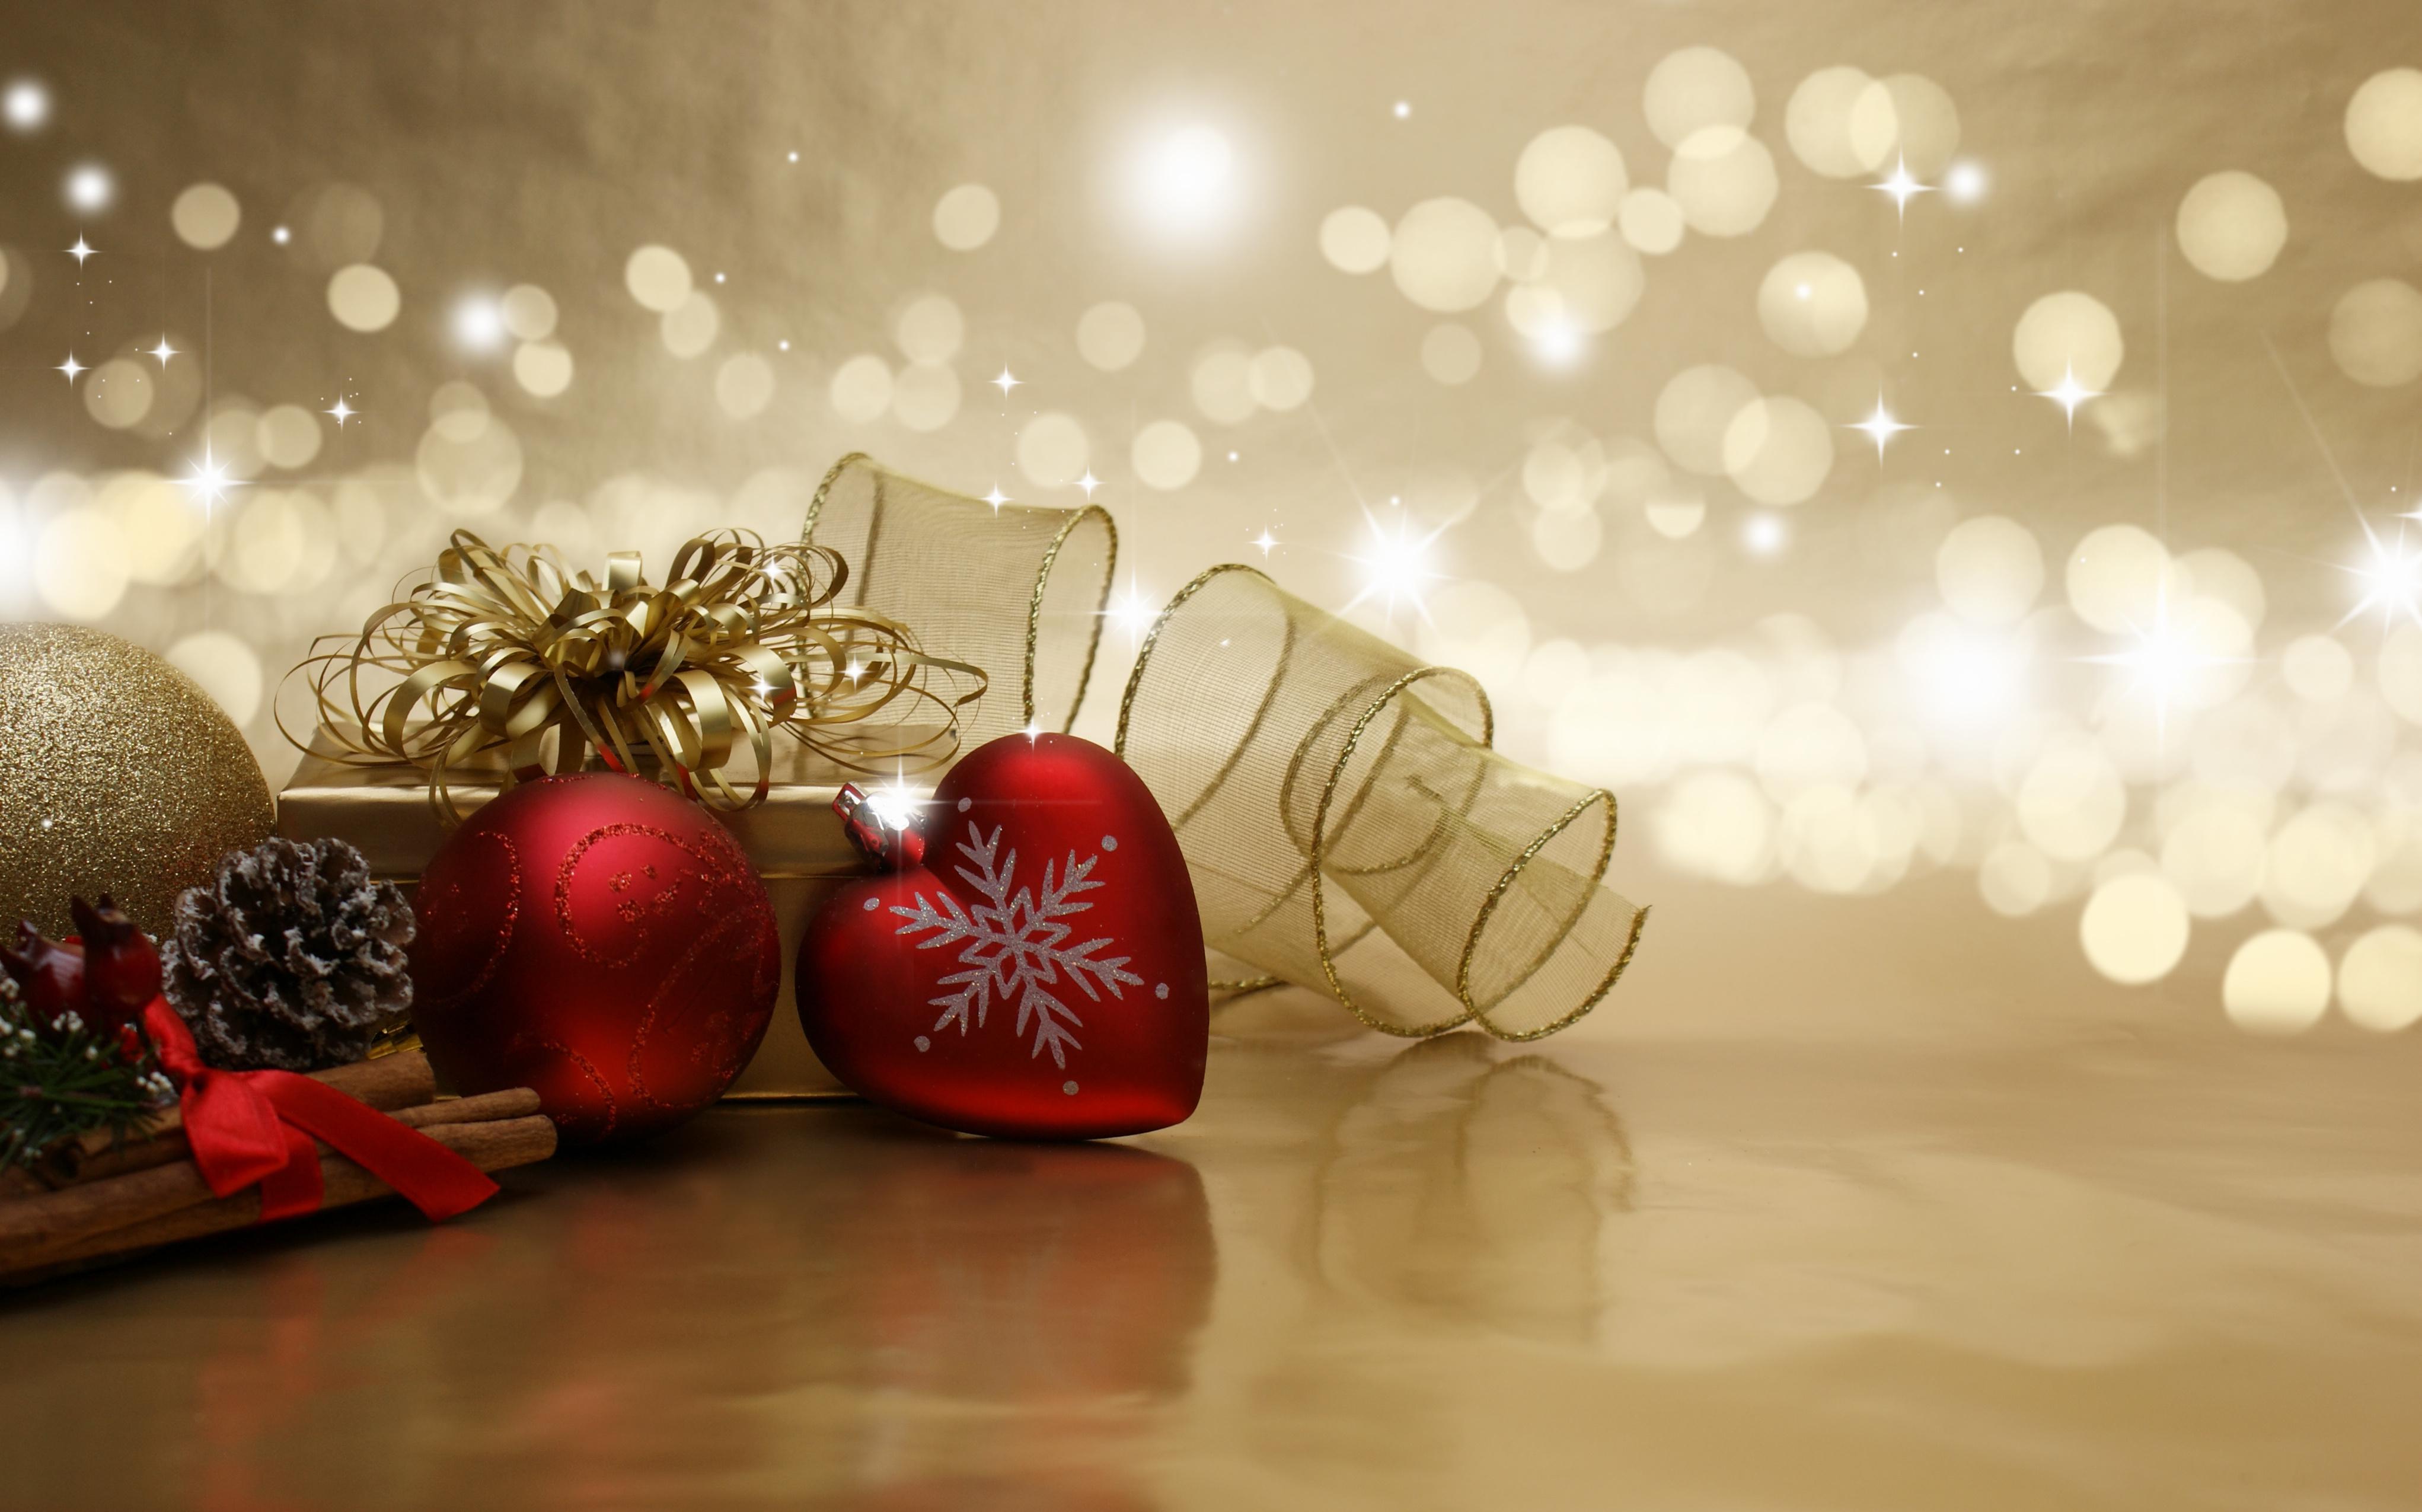 Joyeux Noel Histoire Des Arts.Joyeux Noel Concarneau Ville D Art Et D Histoire